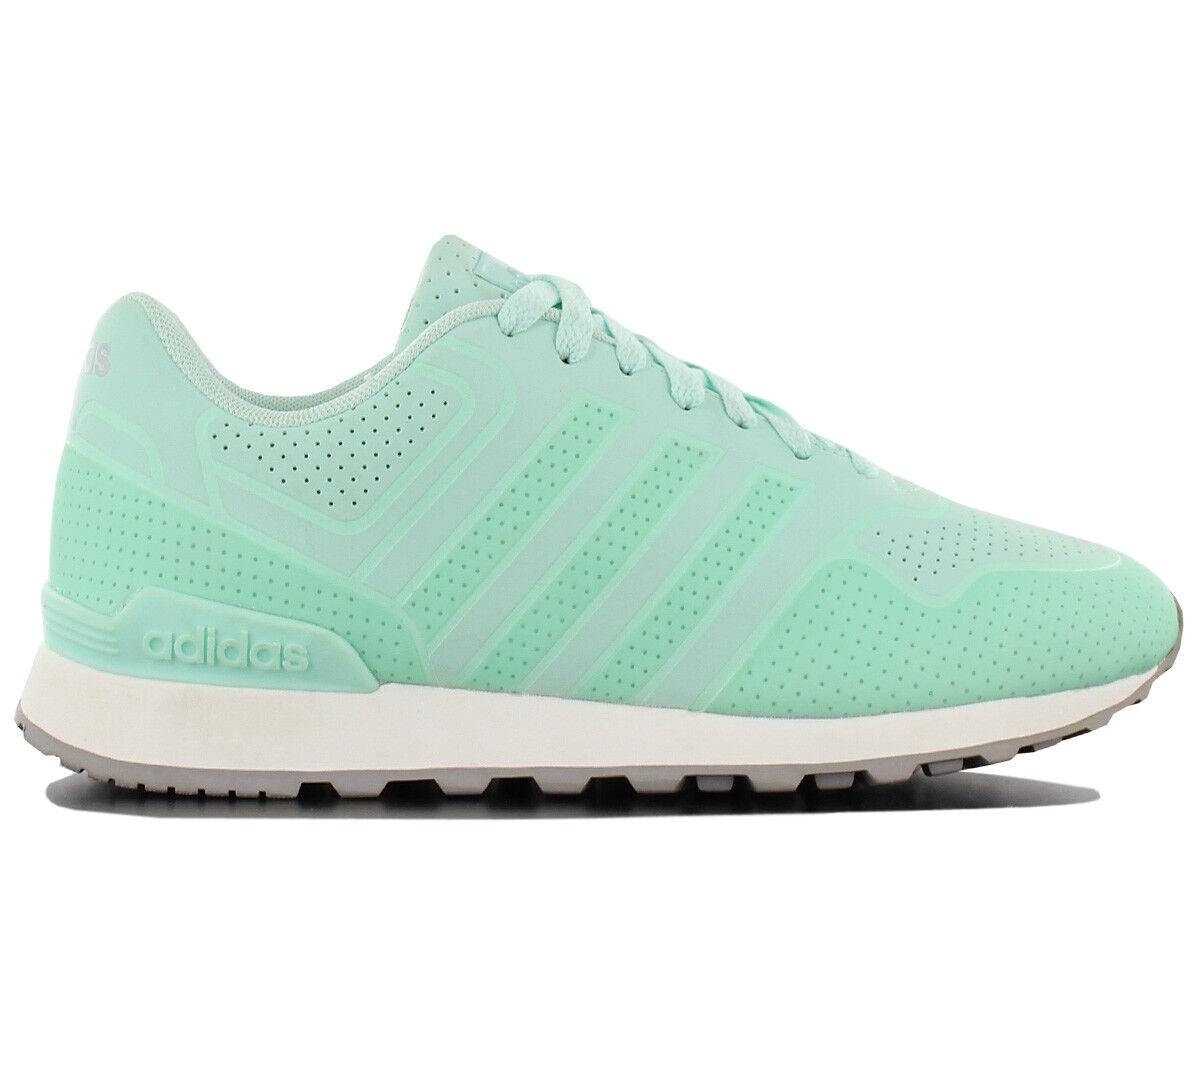 Adidas 10k casual W cortos señora fashion fashion fashion zapatos Mint-verde zapatillas aw5178  el mejor servicio post-venta